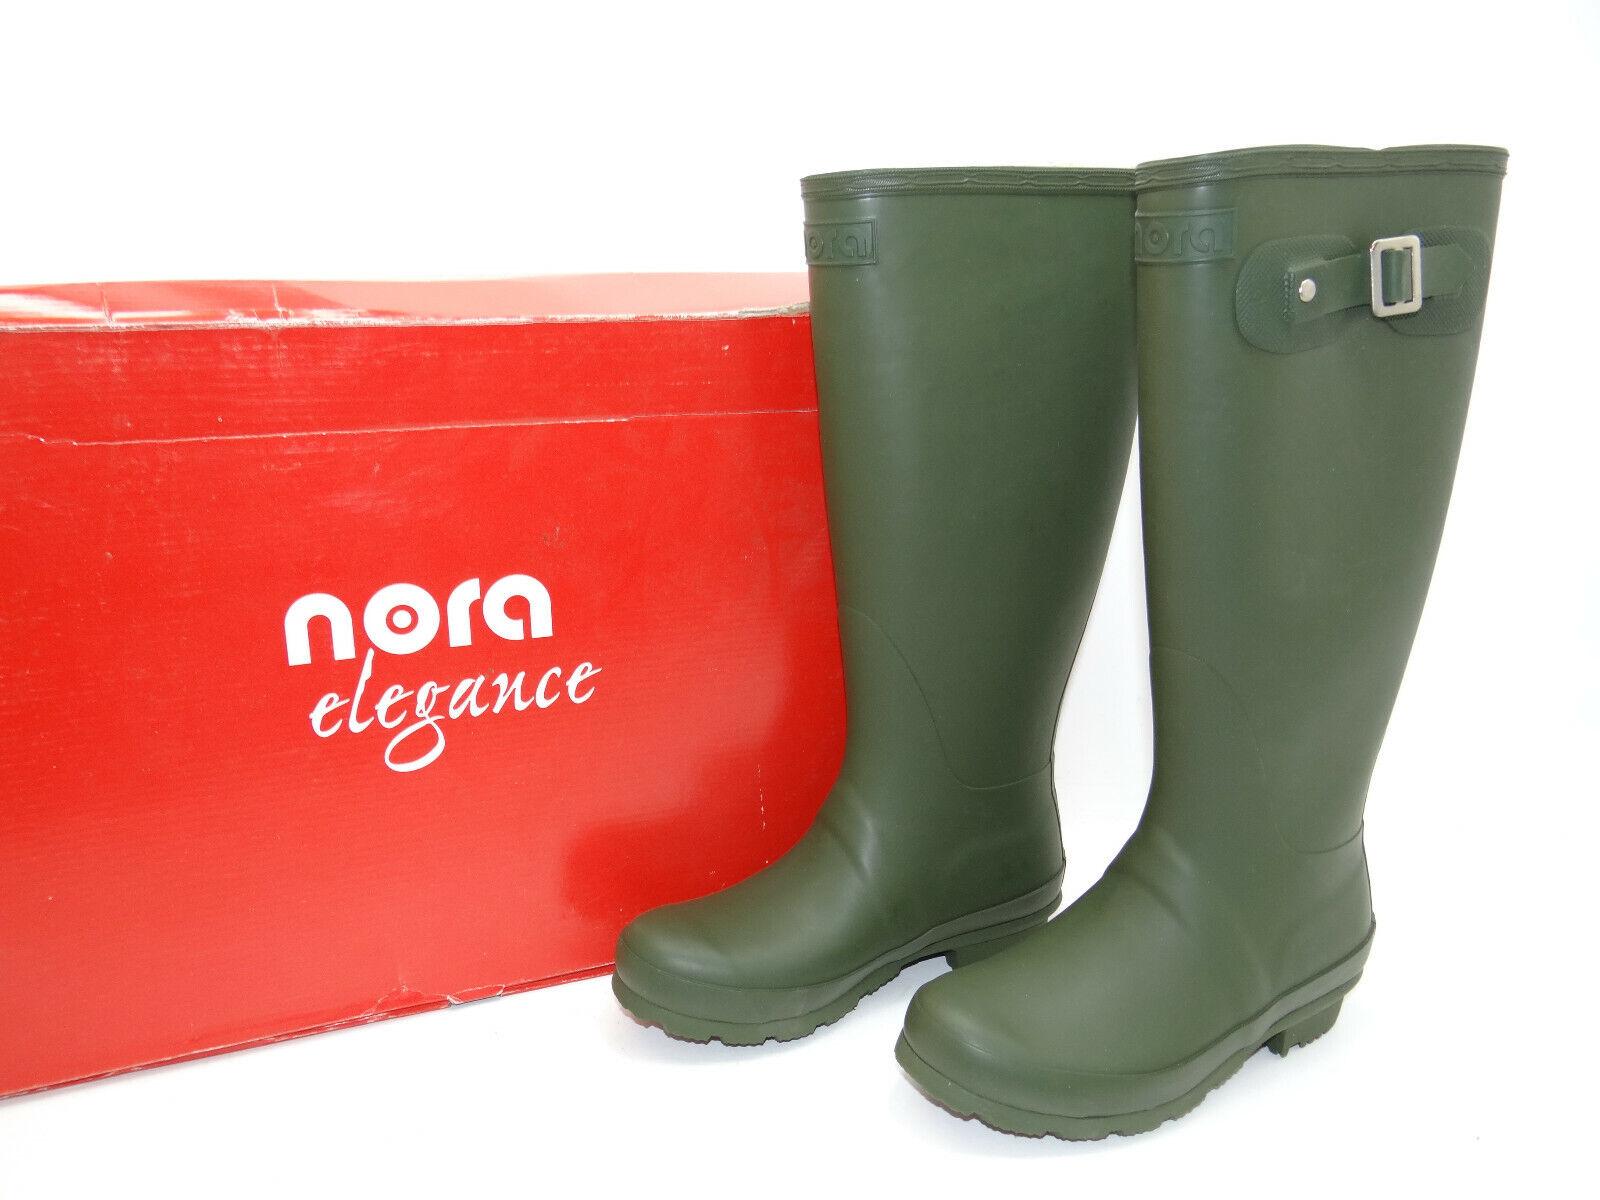 NORA Elegance Gummistiefel Schuhe Damenstiefel Gr. 36 Stiefel NEU